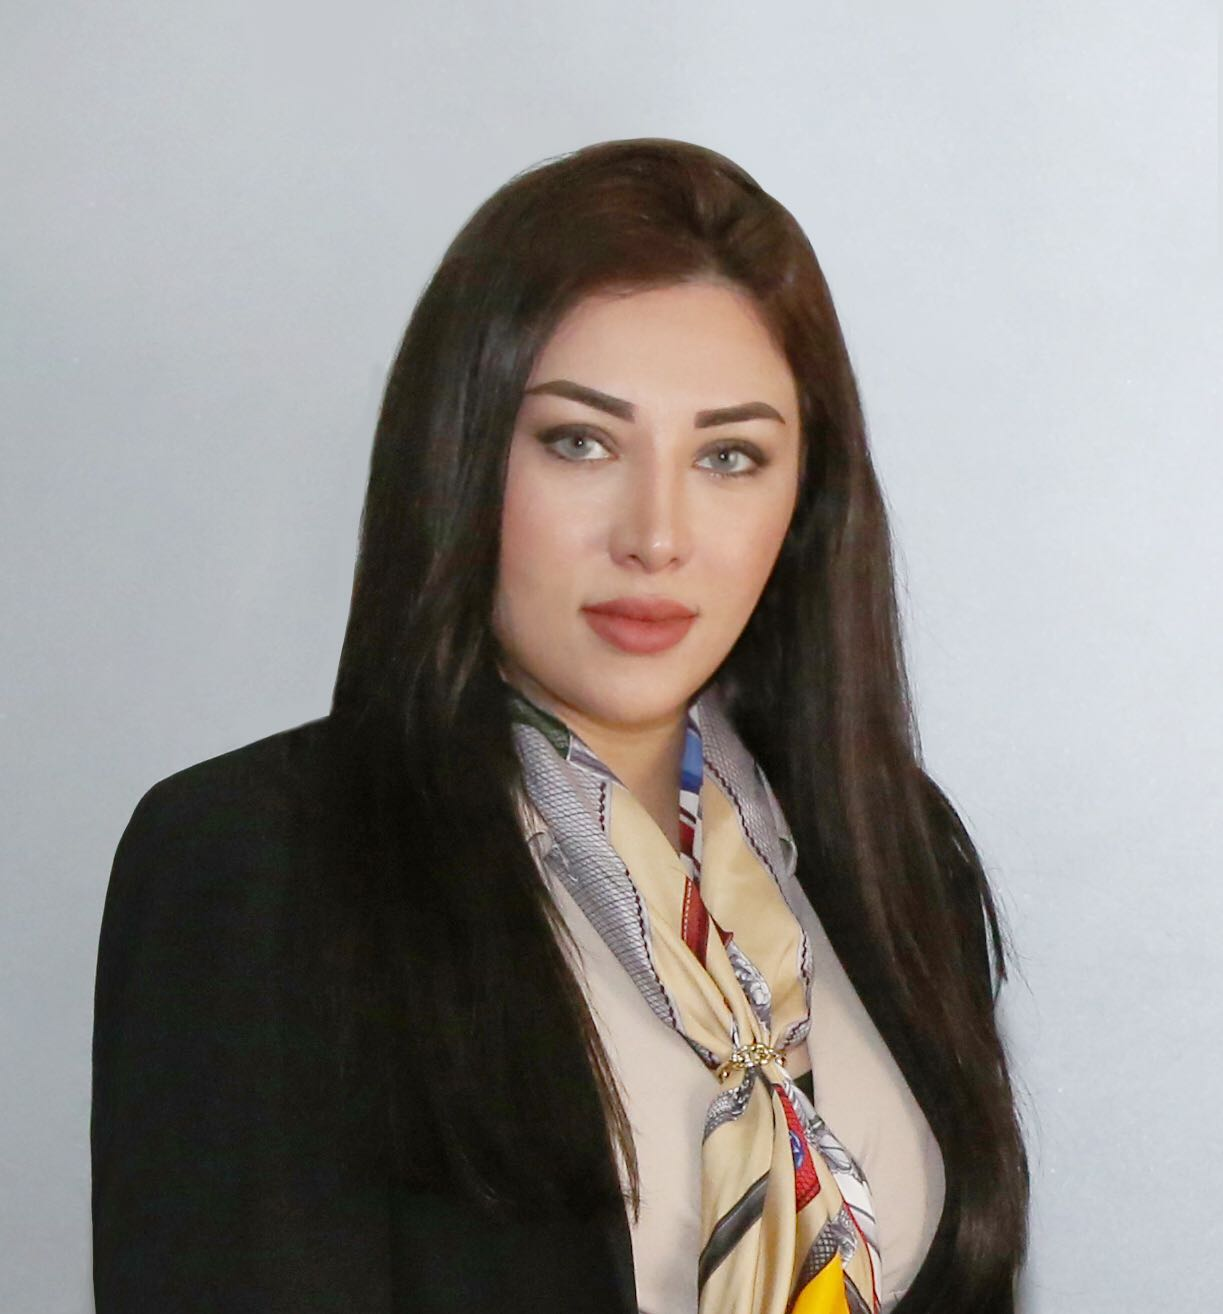 صوره بنات بحرينيات , جمال و رقة بنات البحرين